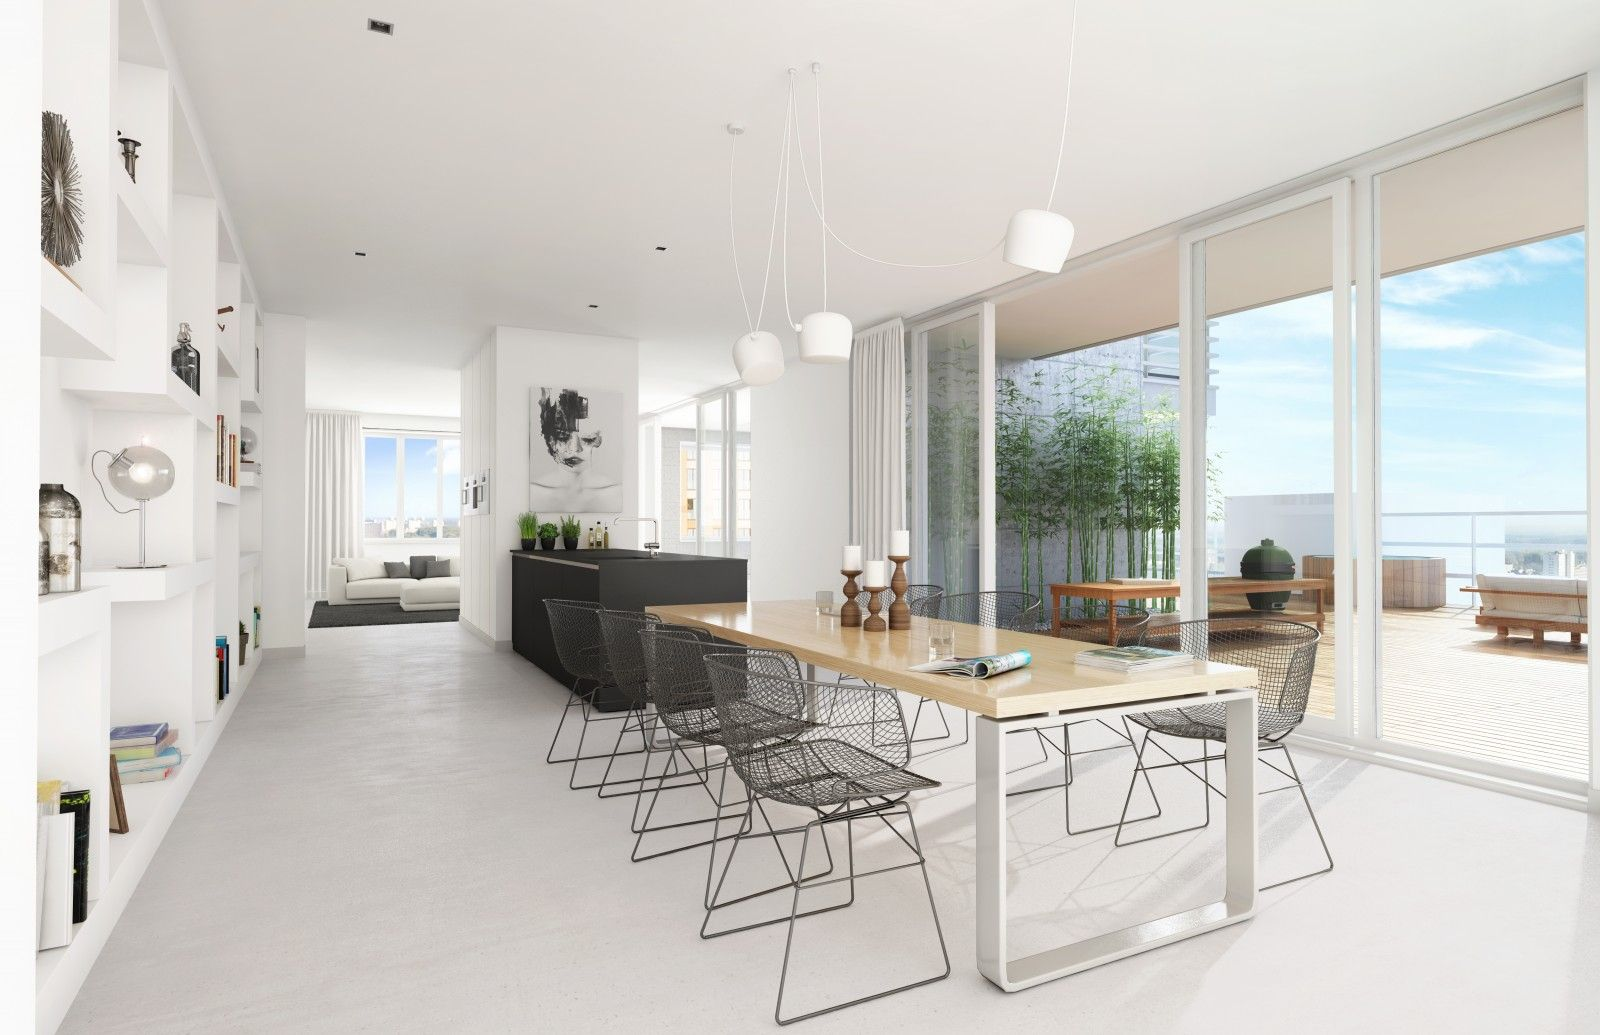 Kan het nog grootser en luxer? Dit penthouse op de 22ste verdieping van Intermezzo is het neusje van de zalm. Het werkelijk indrukwekkende terras van 152 m2 is groter dan het gemiddelde herenhuis. Kunt u zich voorstellen dat dit een fantastisch verlengstuk van uw living is? De hele dag en avond genieten van de zon …